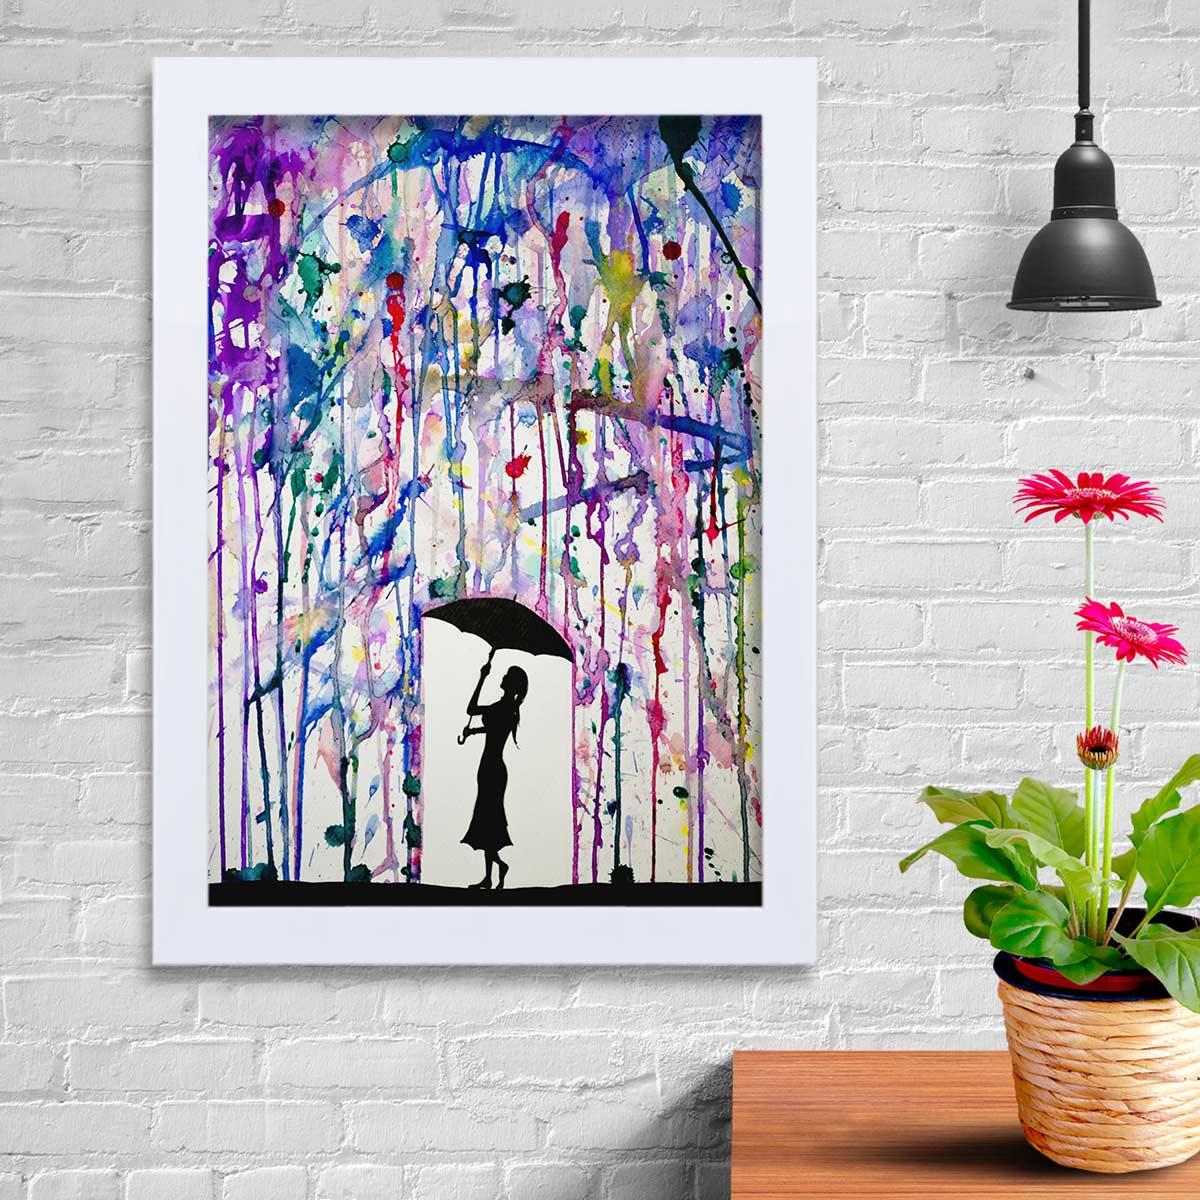 تابلو   گالری استاربوی طرح دخترانه و چتر مدل هنری KL85